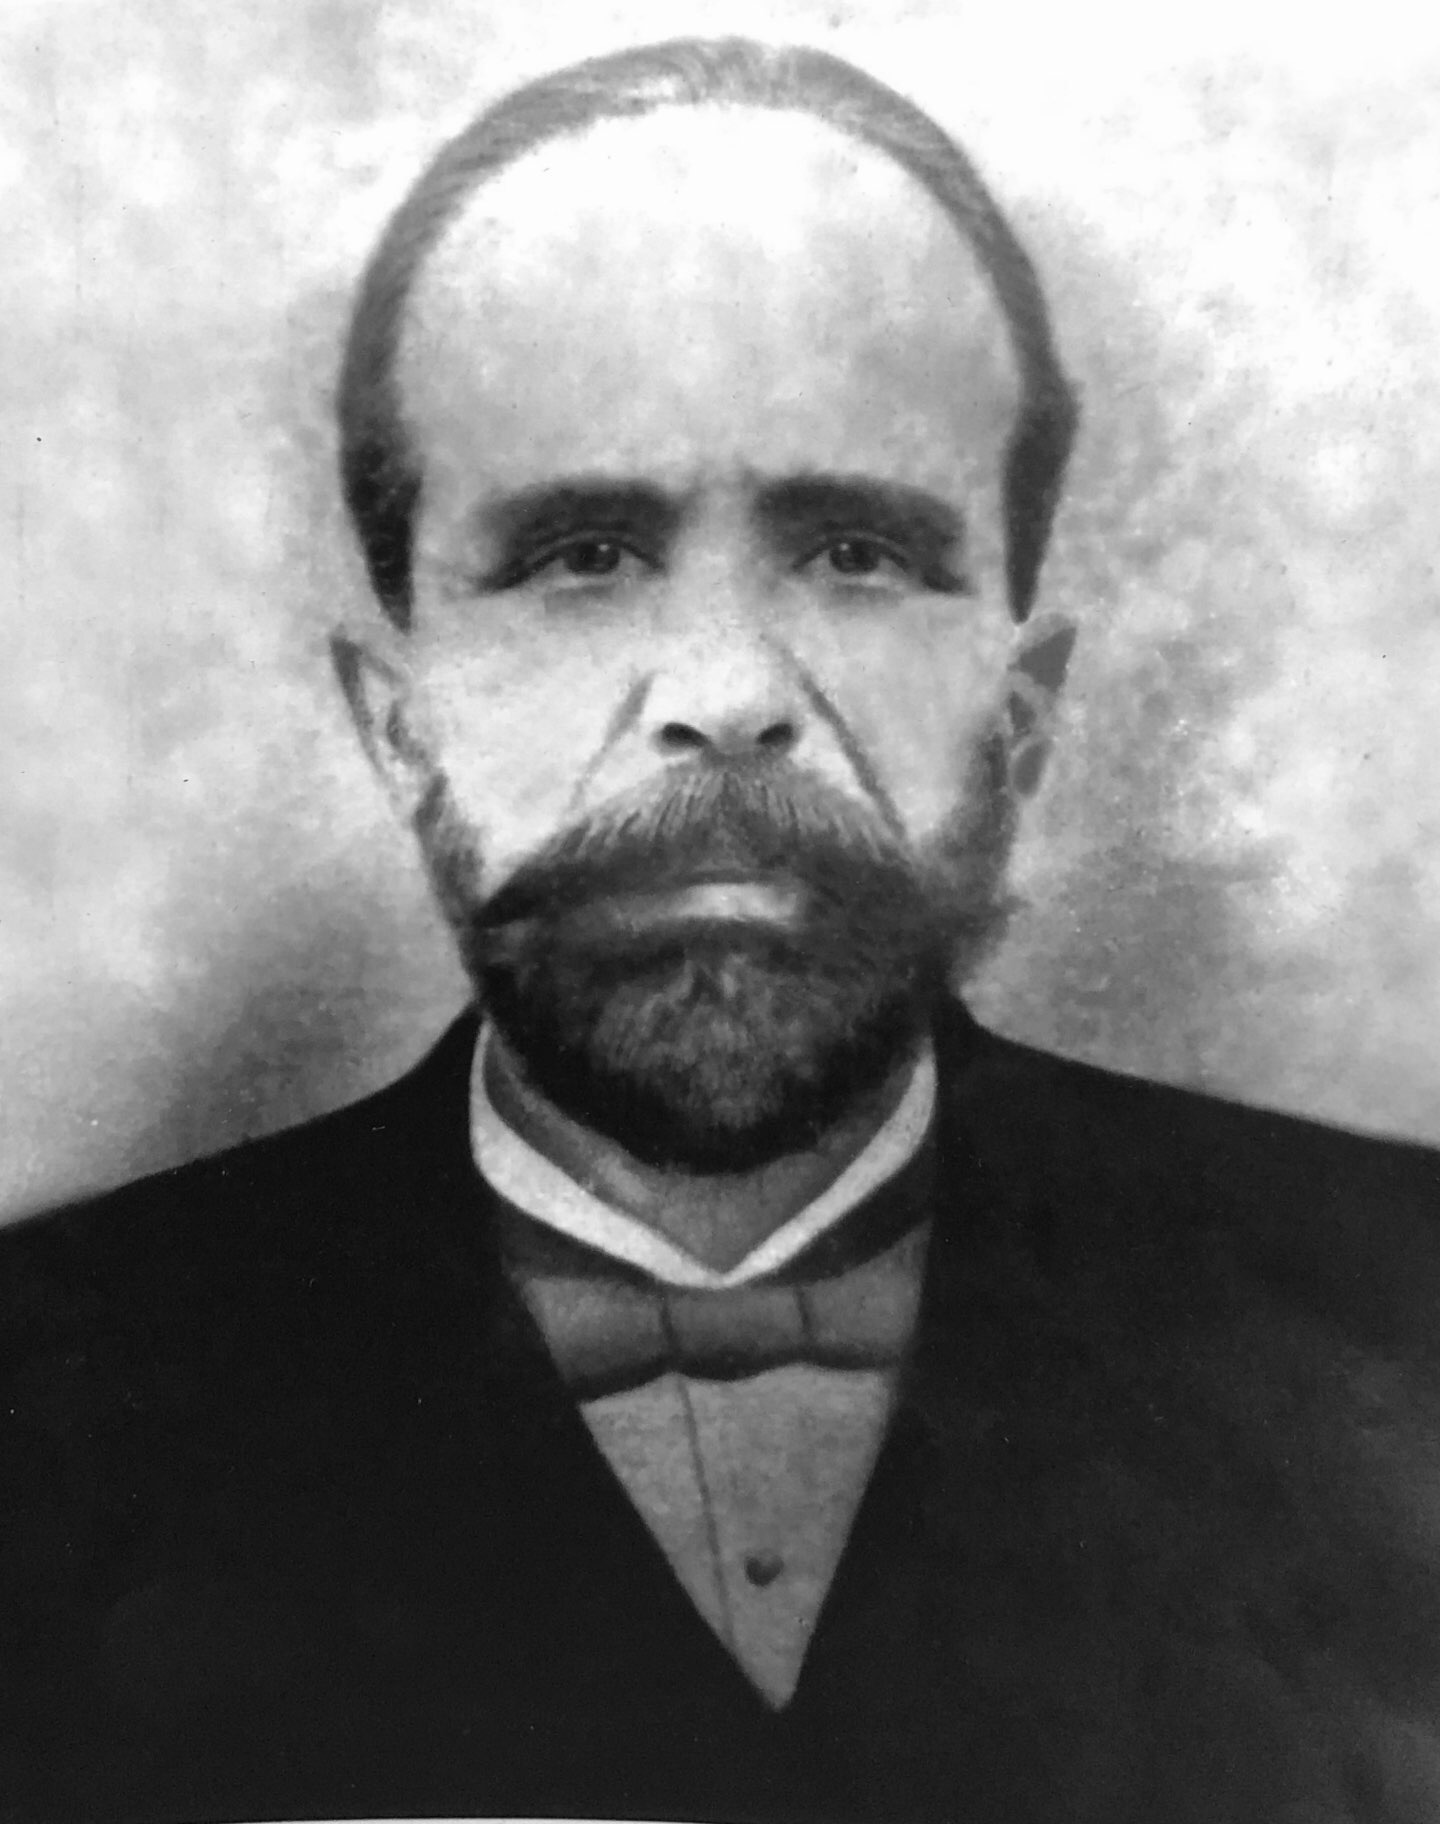 Francisco Teixeira Alves Corrêa (10/12/1891 - 23/05/1894)